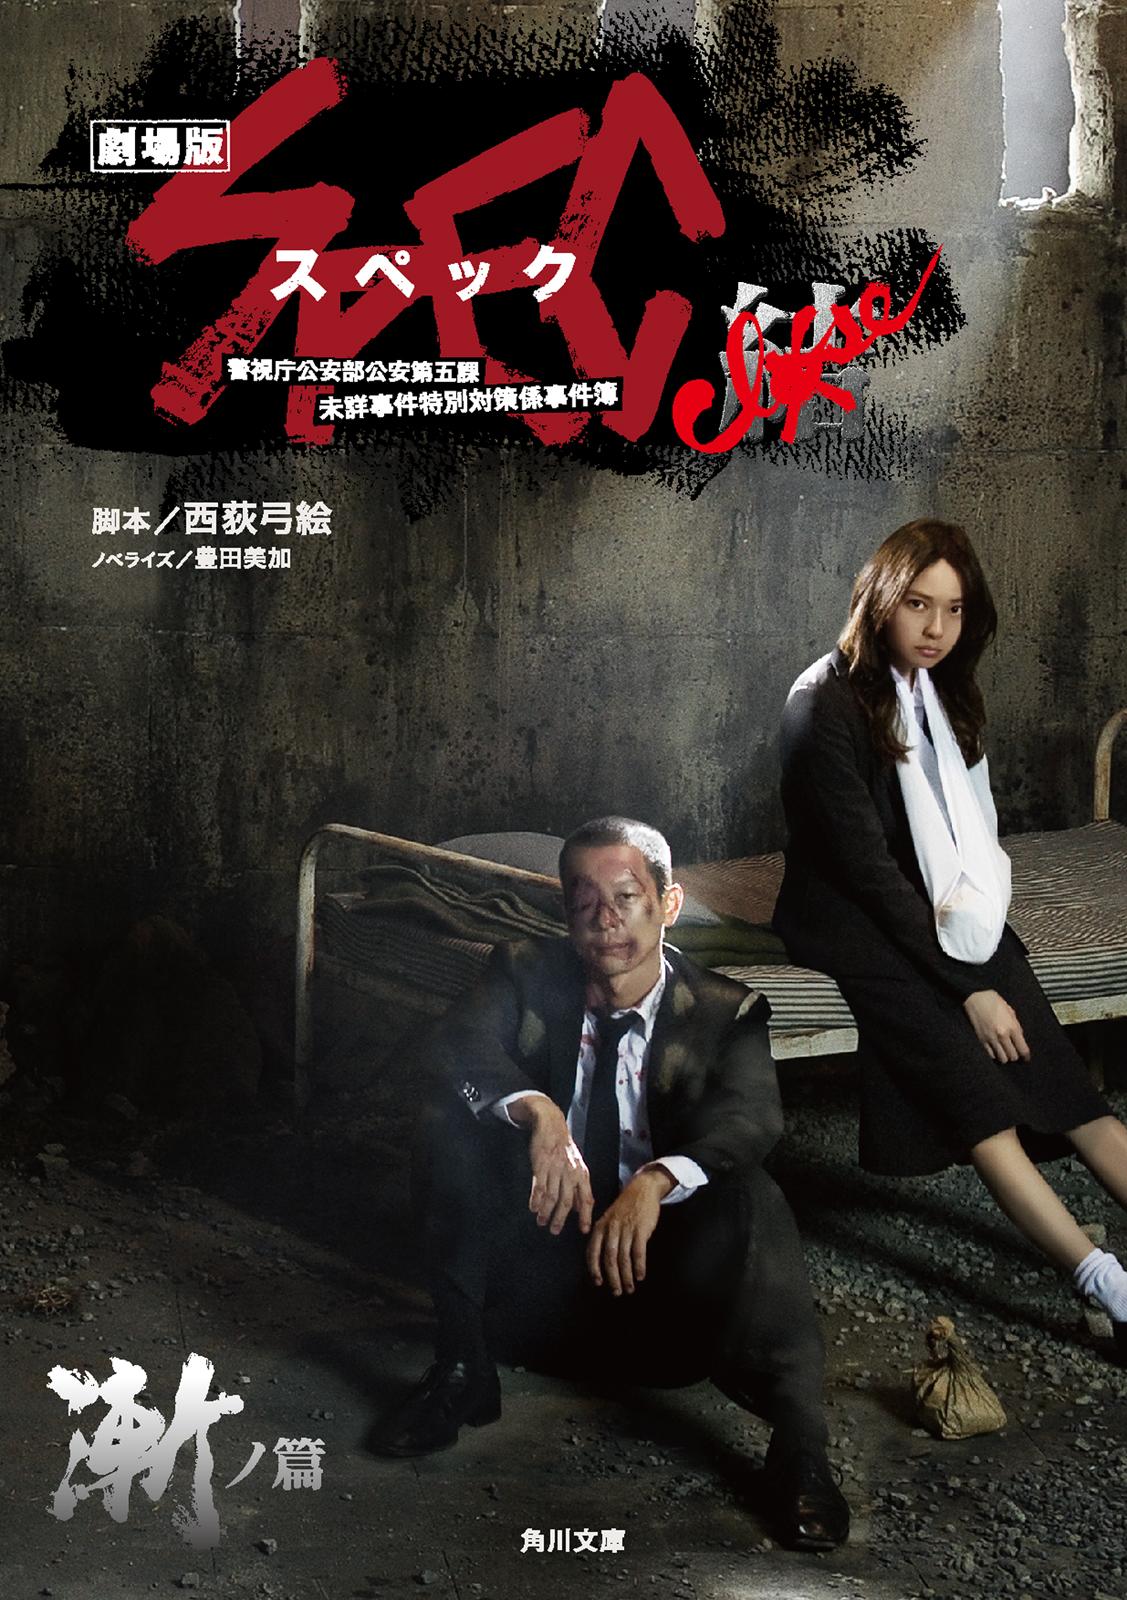 劇場版 SPEC〜結〜の画像 p1_40